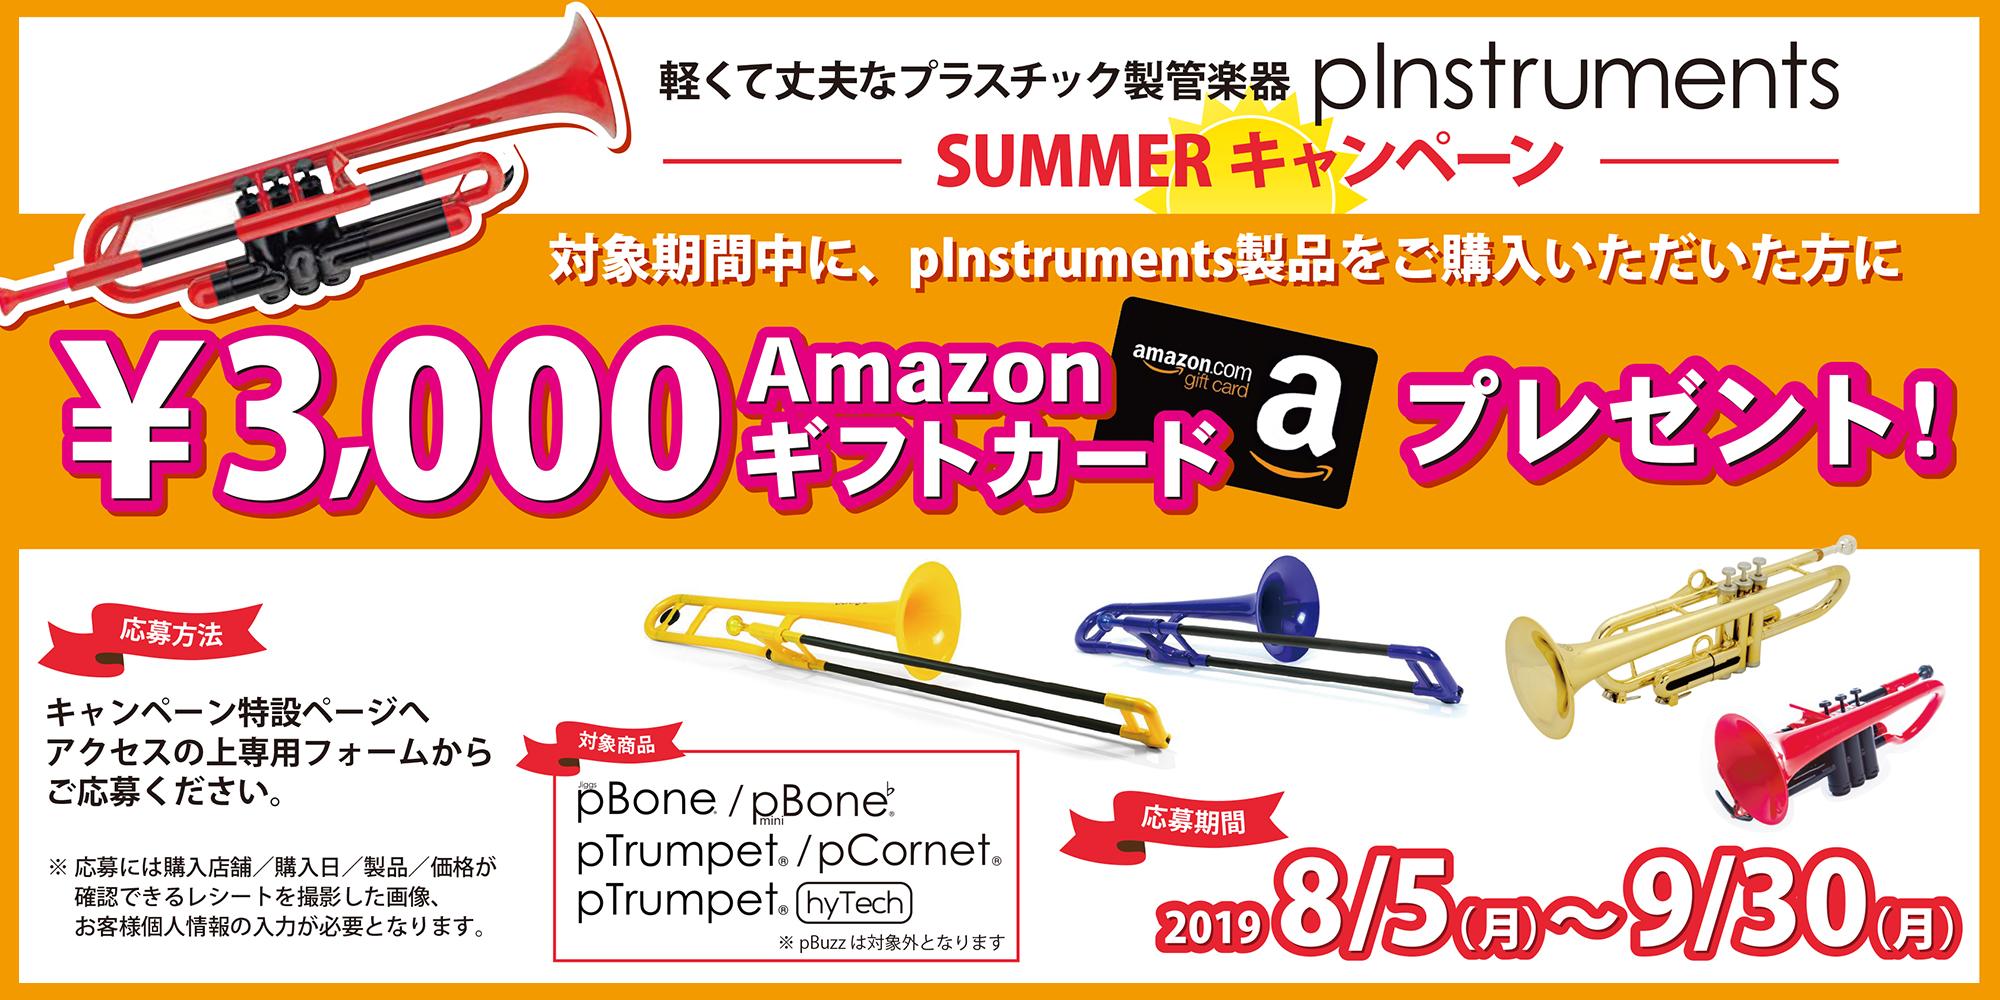 pInstruments 夏キャンペーン 3,000円 Amazon ギフトカードプレゼント!